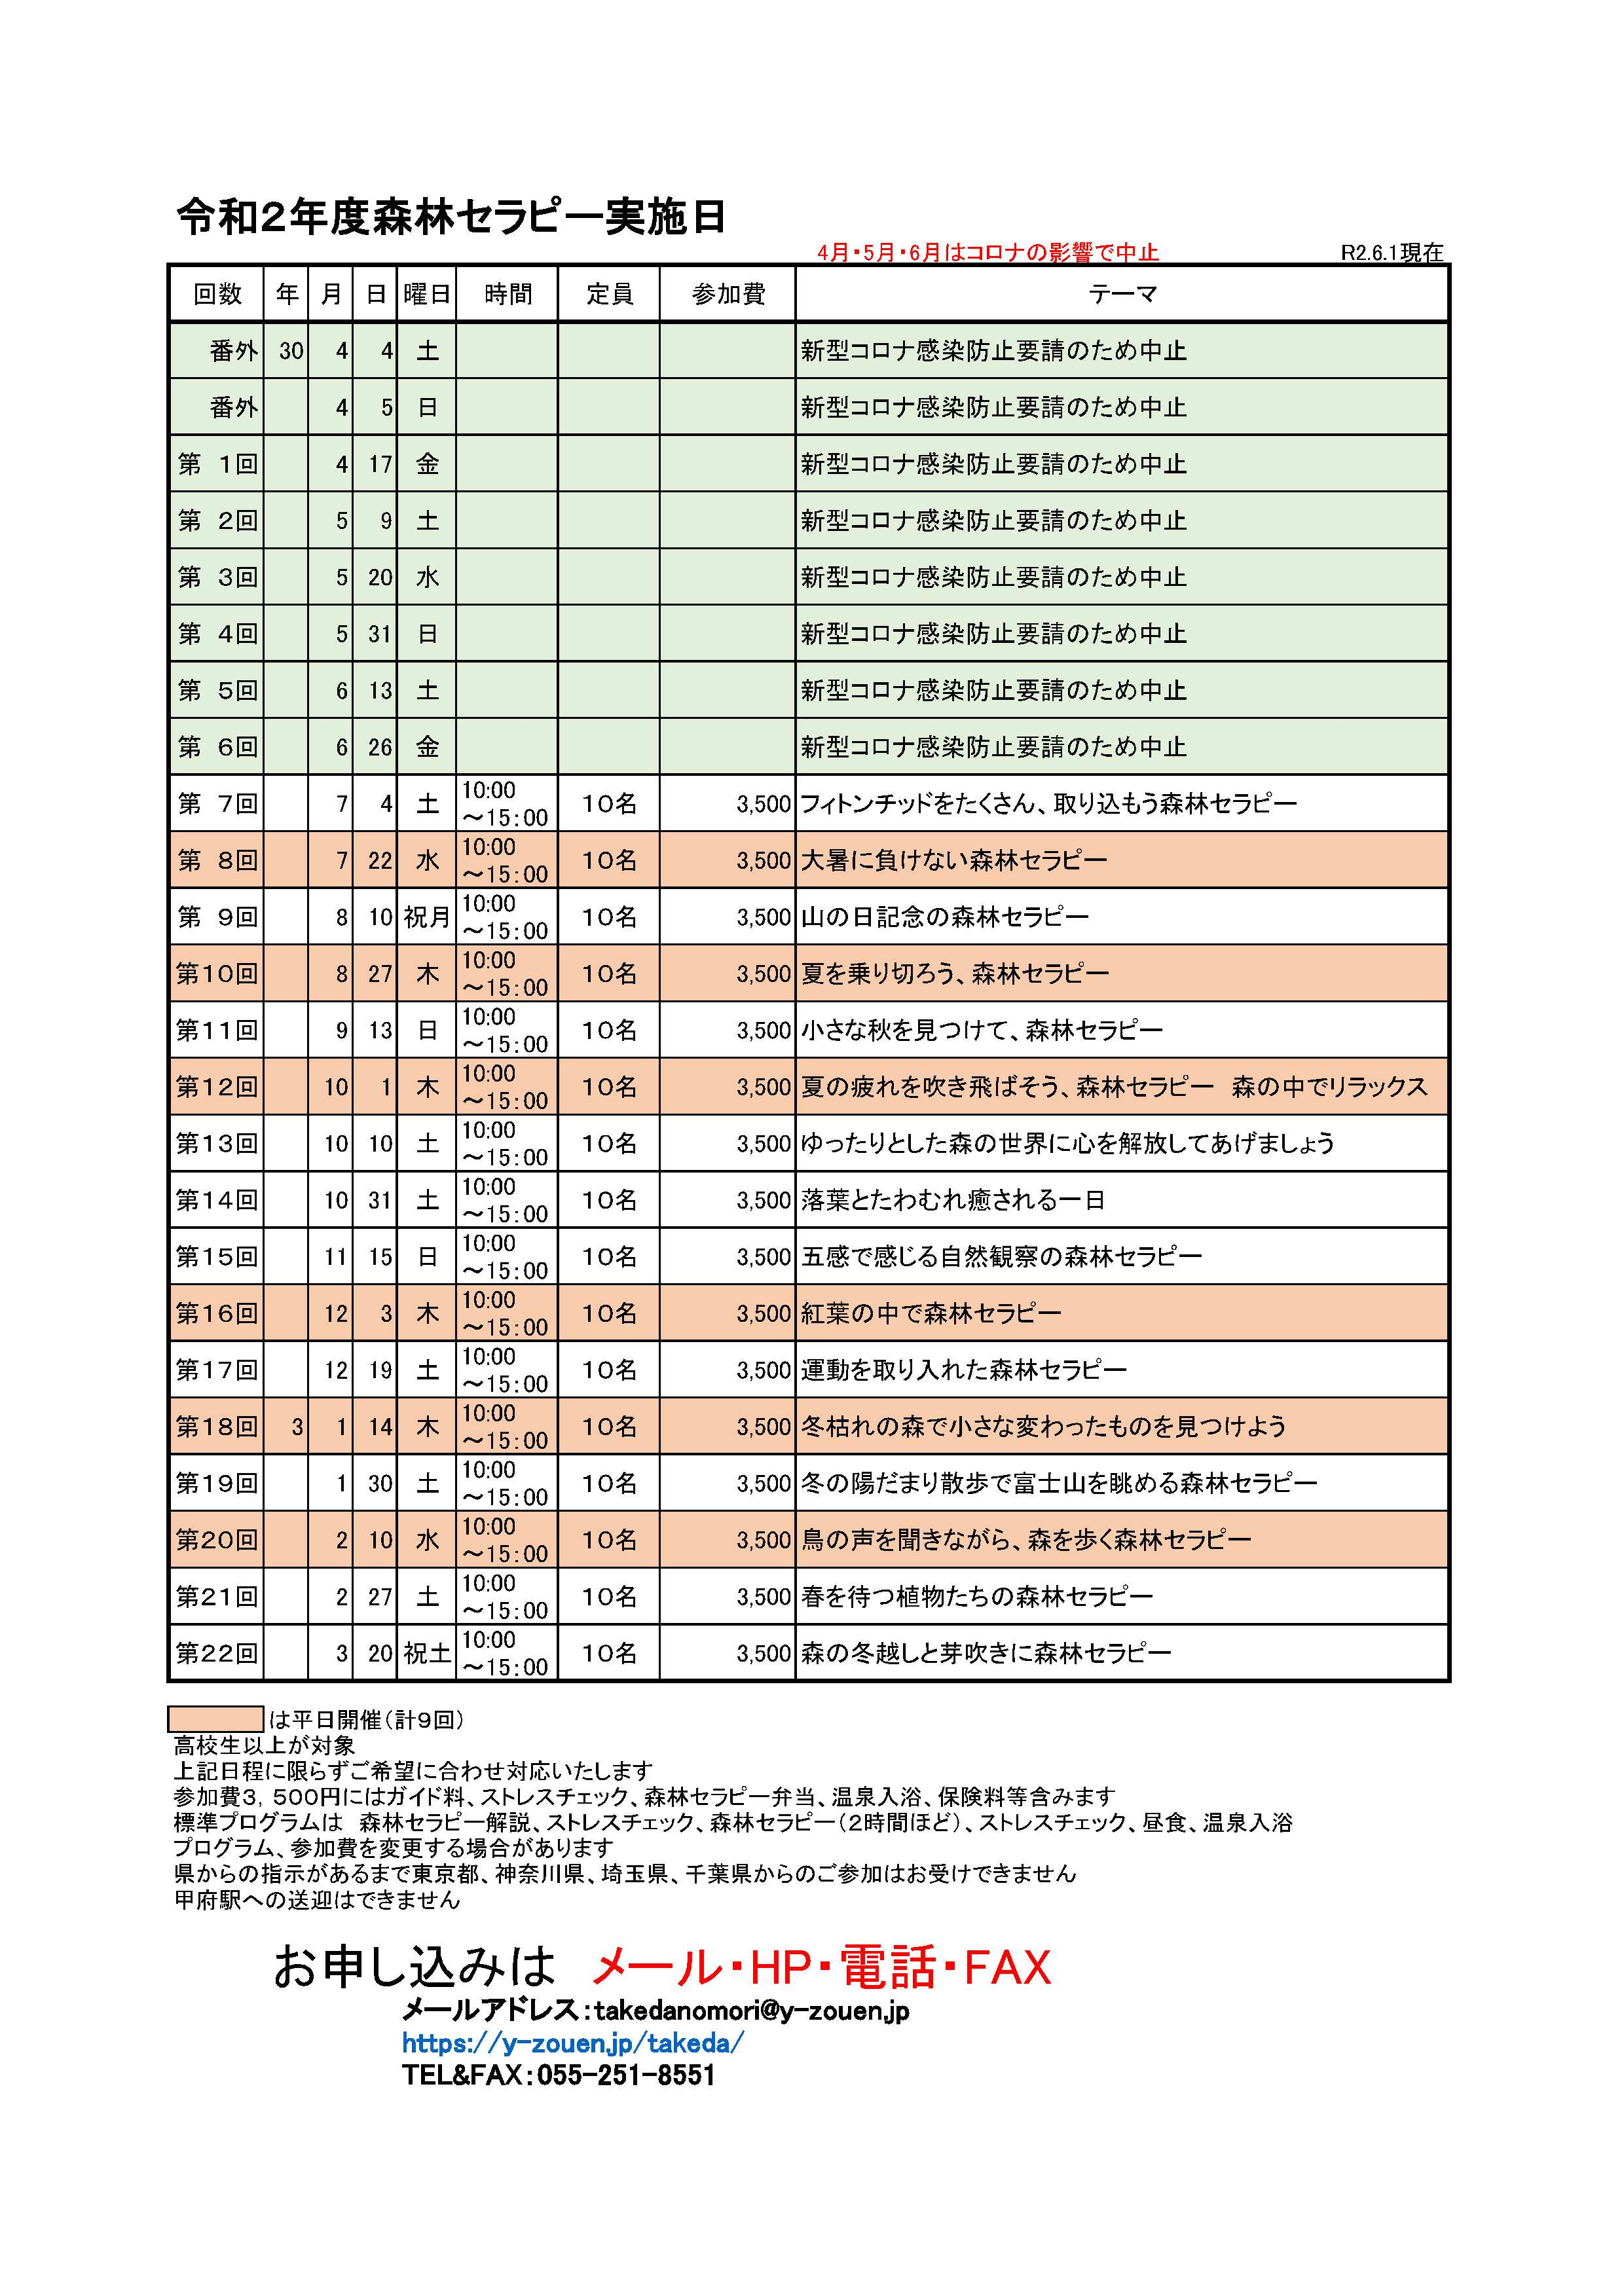 PDF R2日程表(ガイド名抜き)